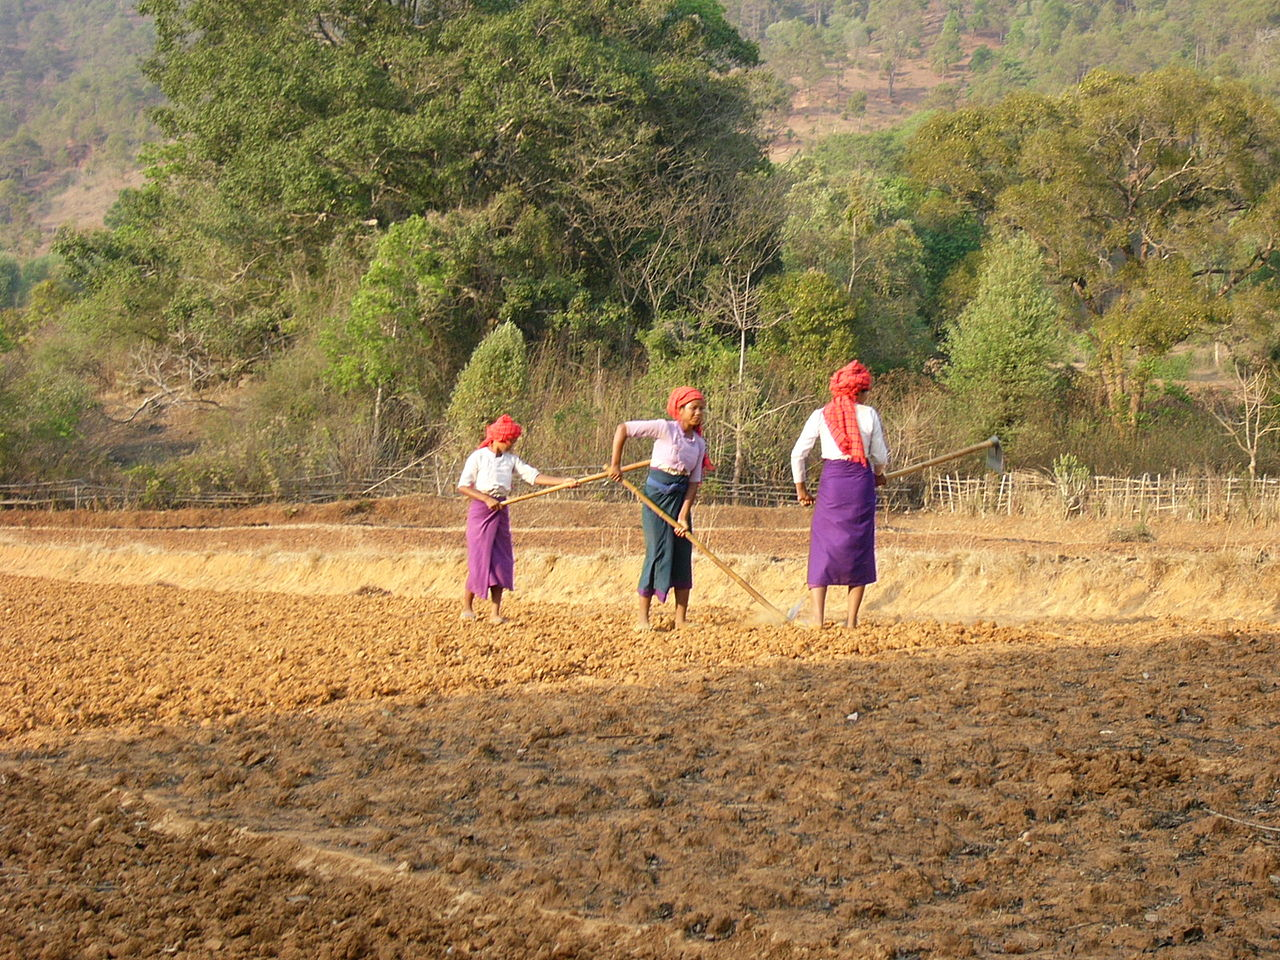 圃場のミャンマー女性(シャン州)